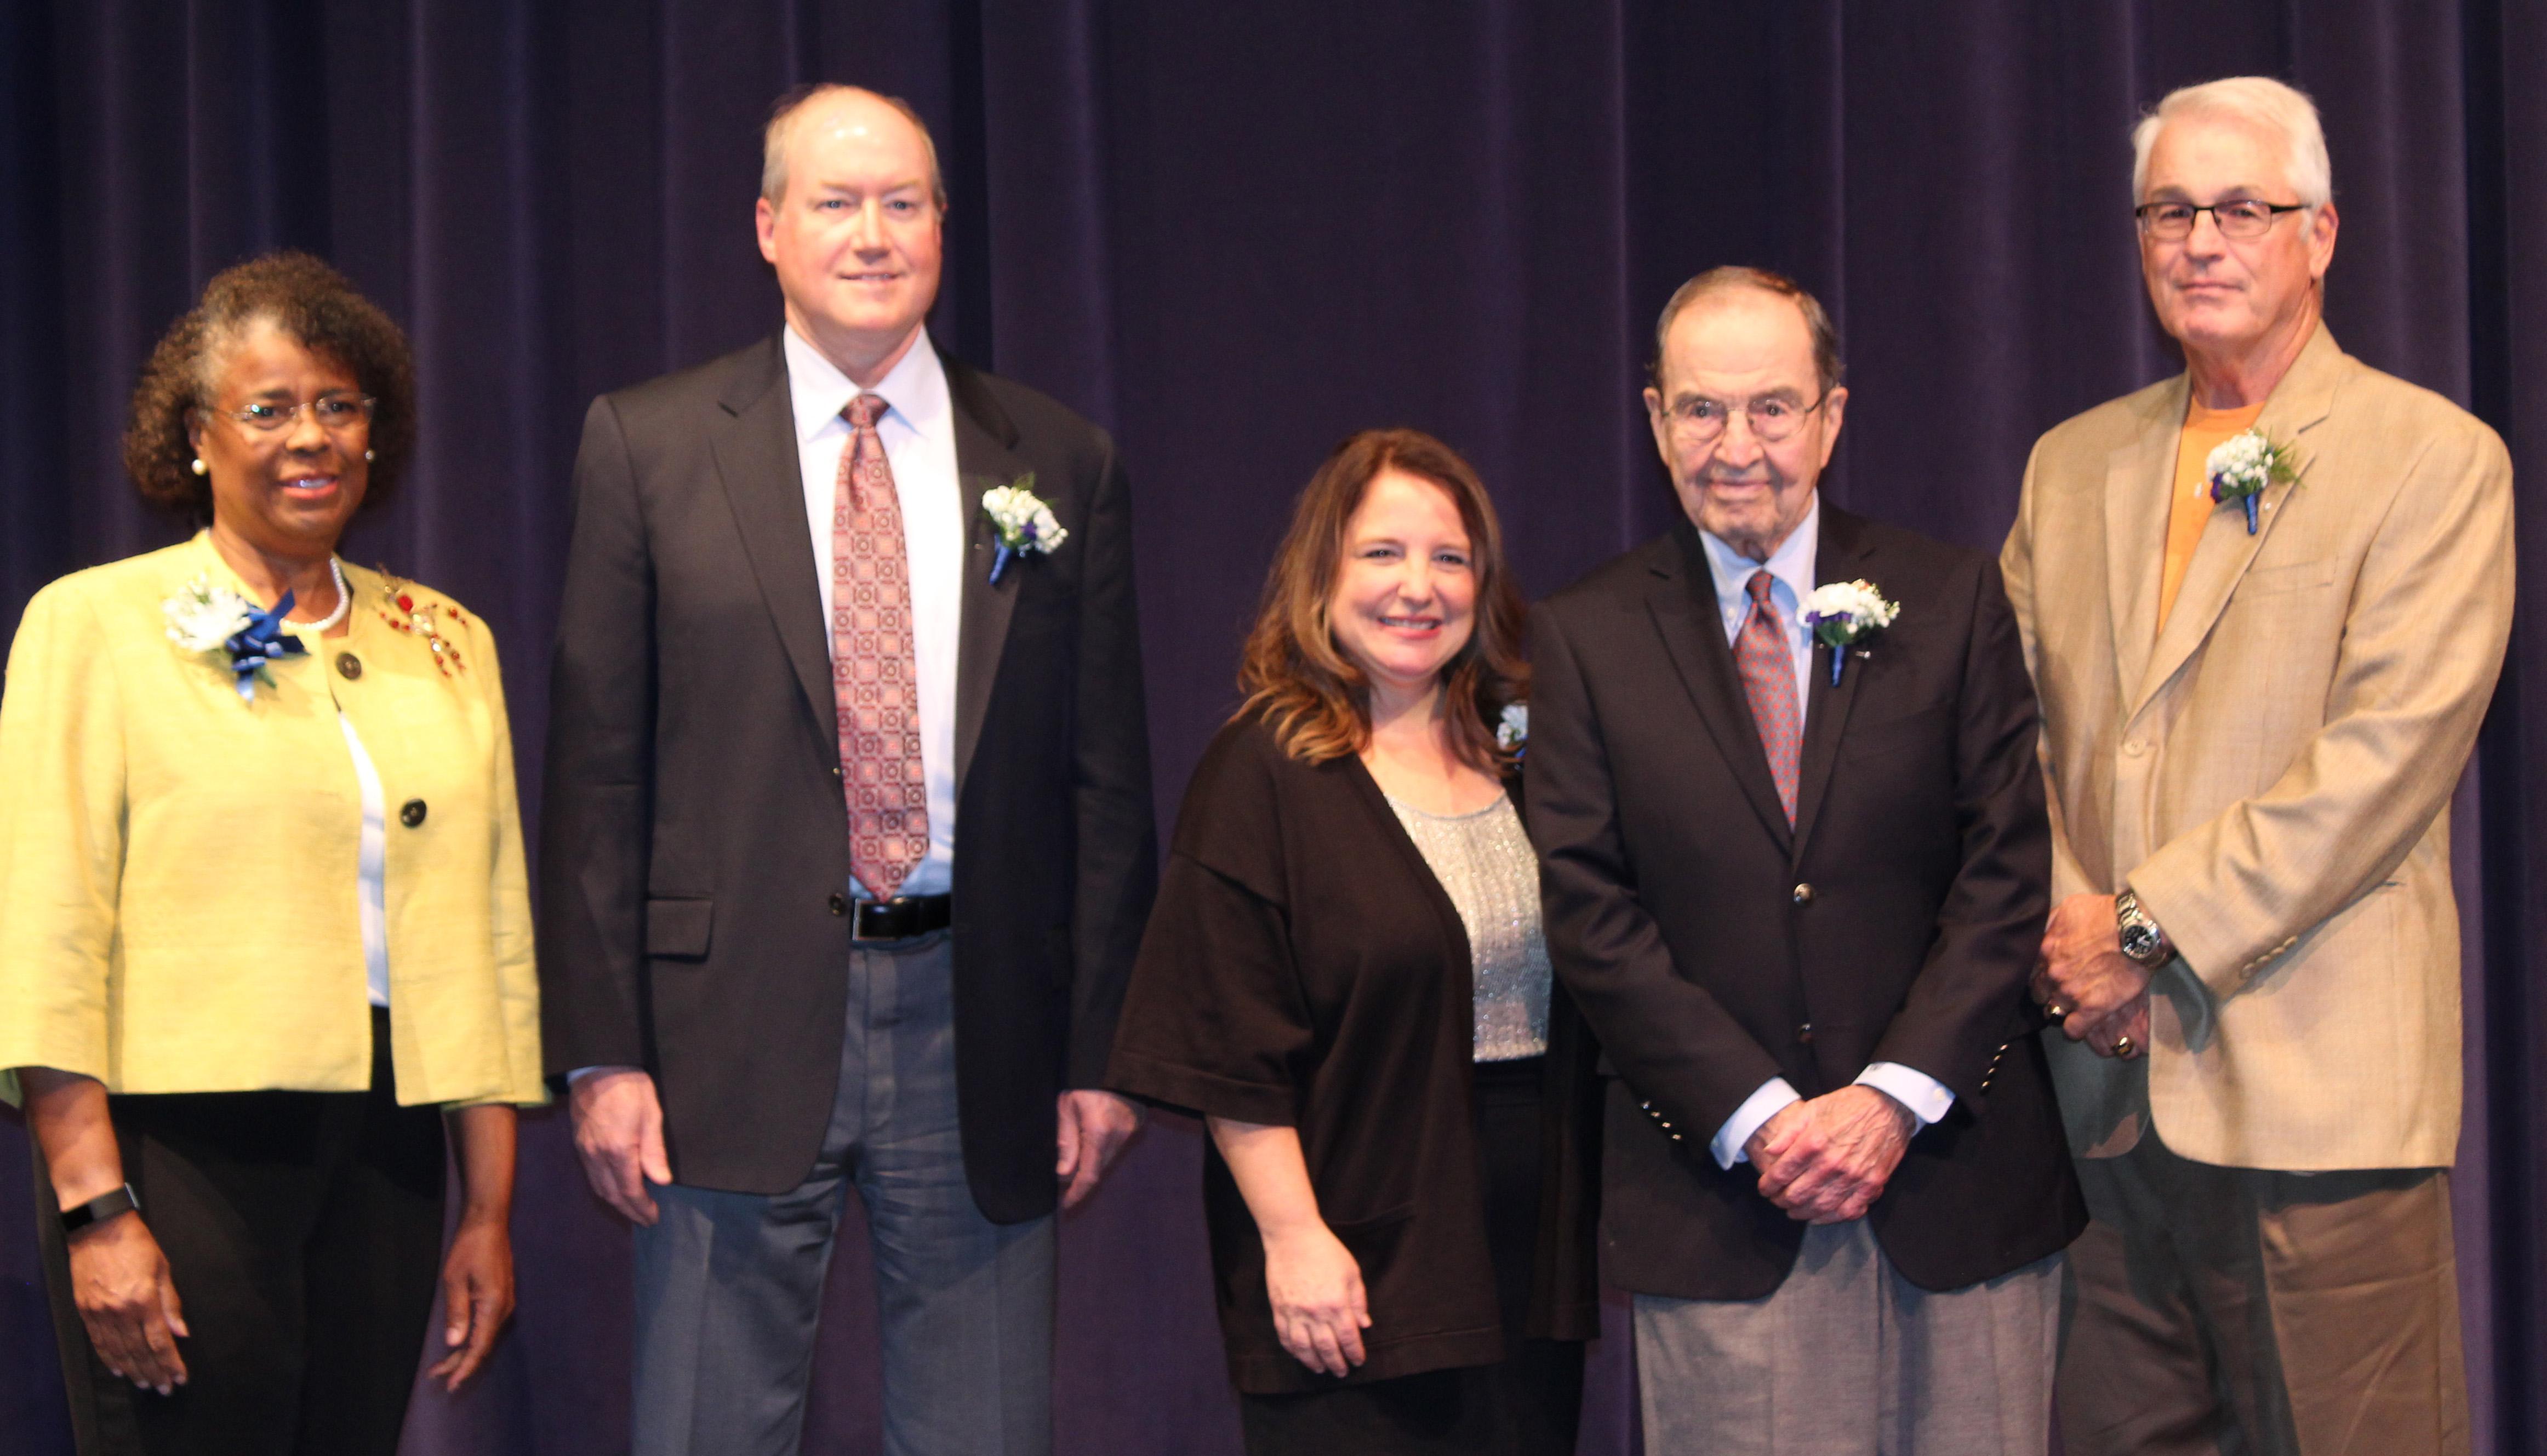 AHS Outstanding Alumni Recognized